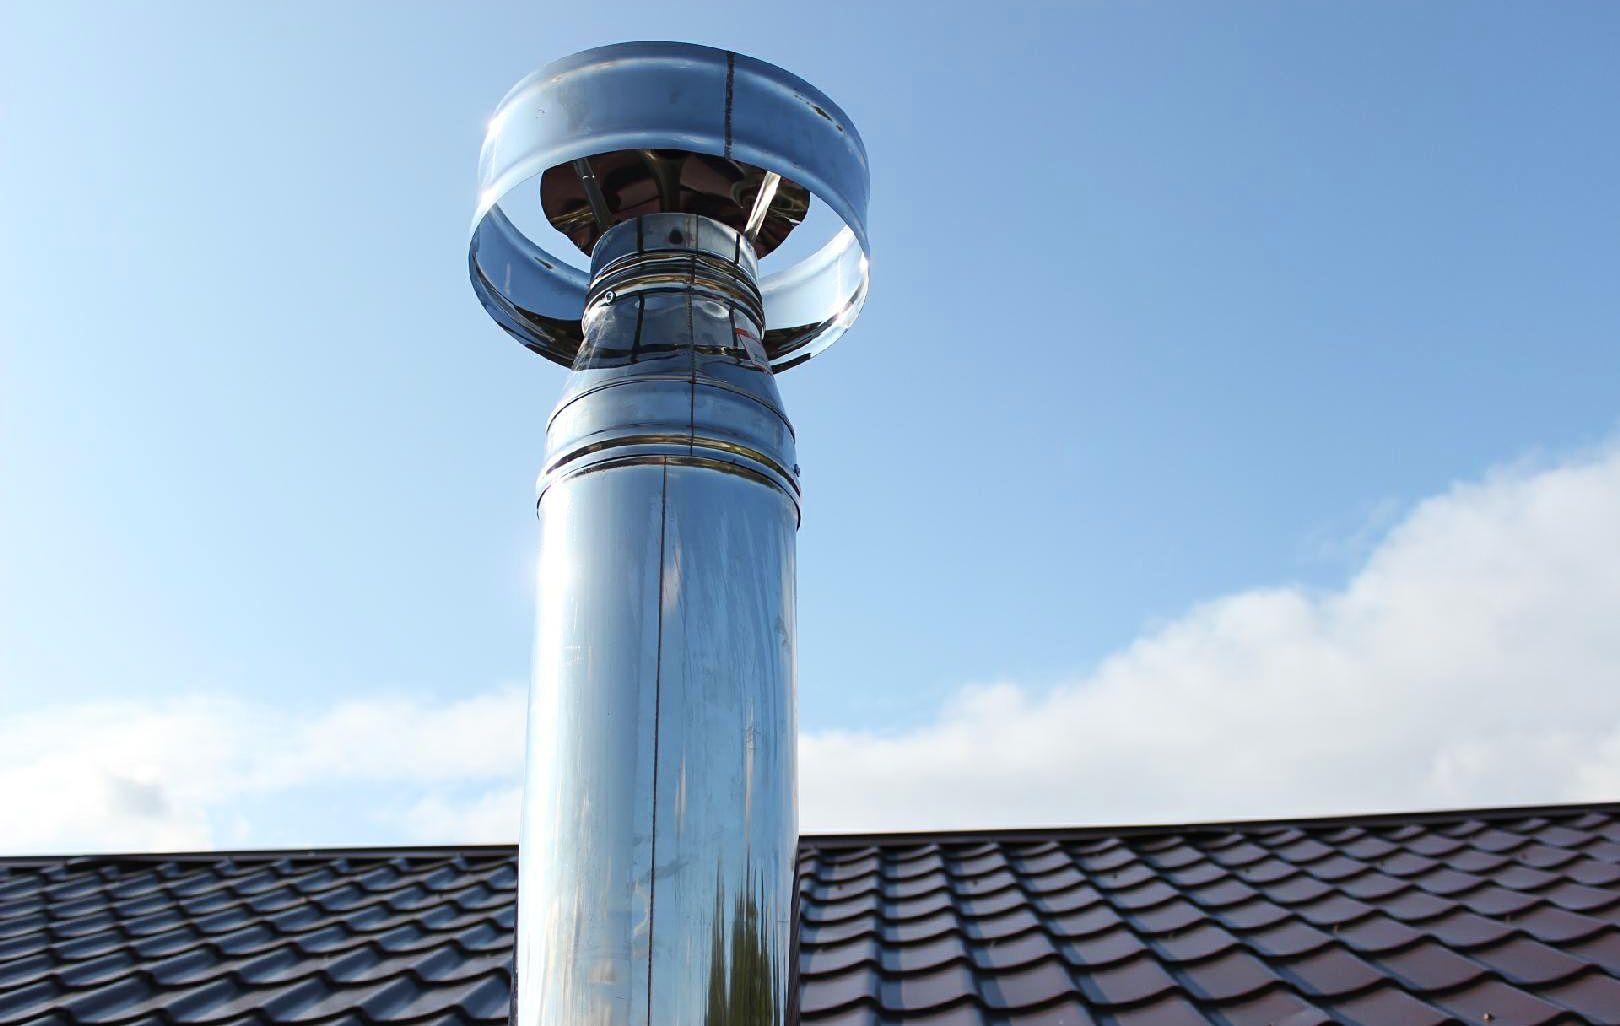 Дефлектор на дымоходе для защиты от задуваний и осадков